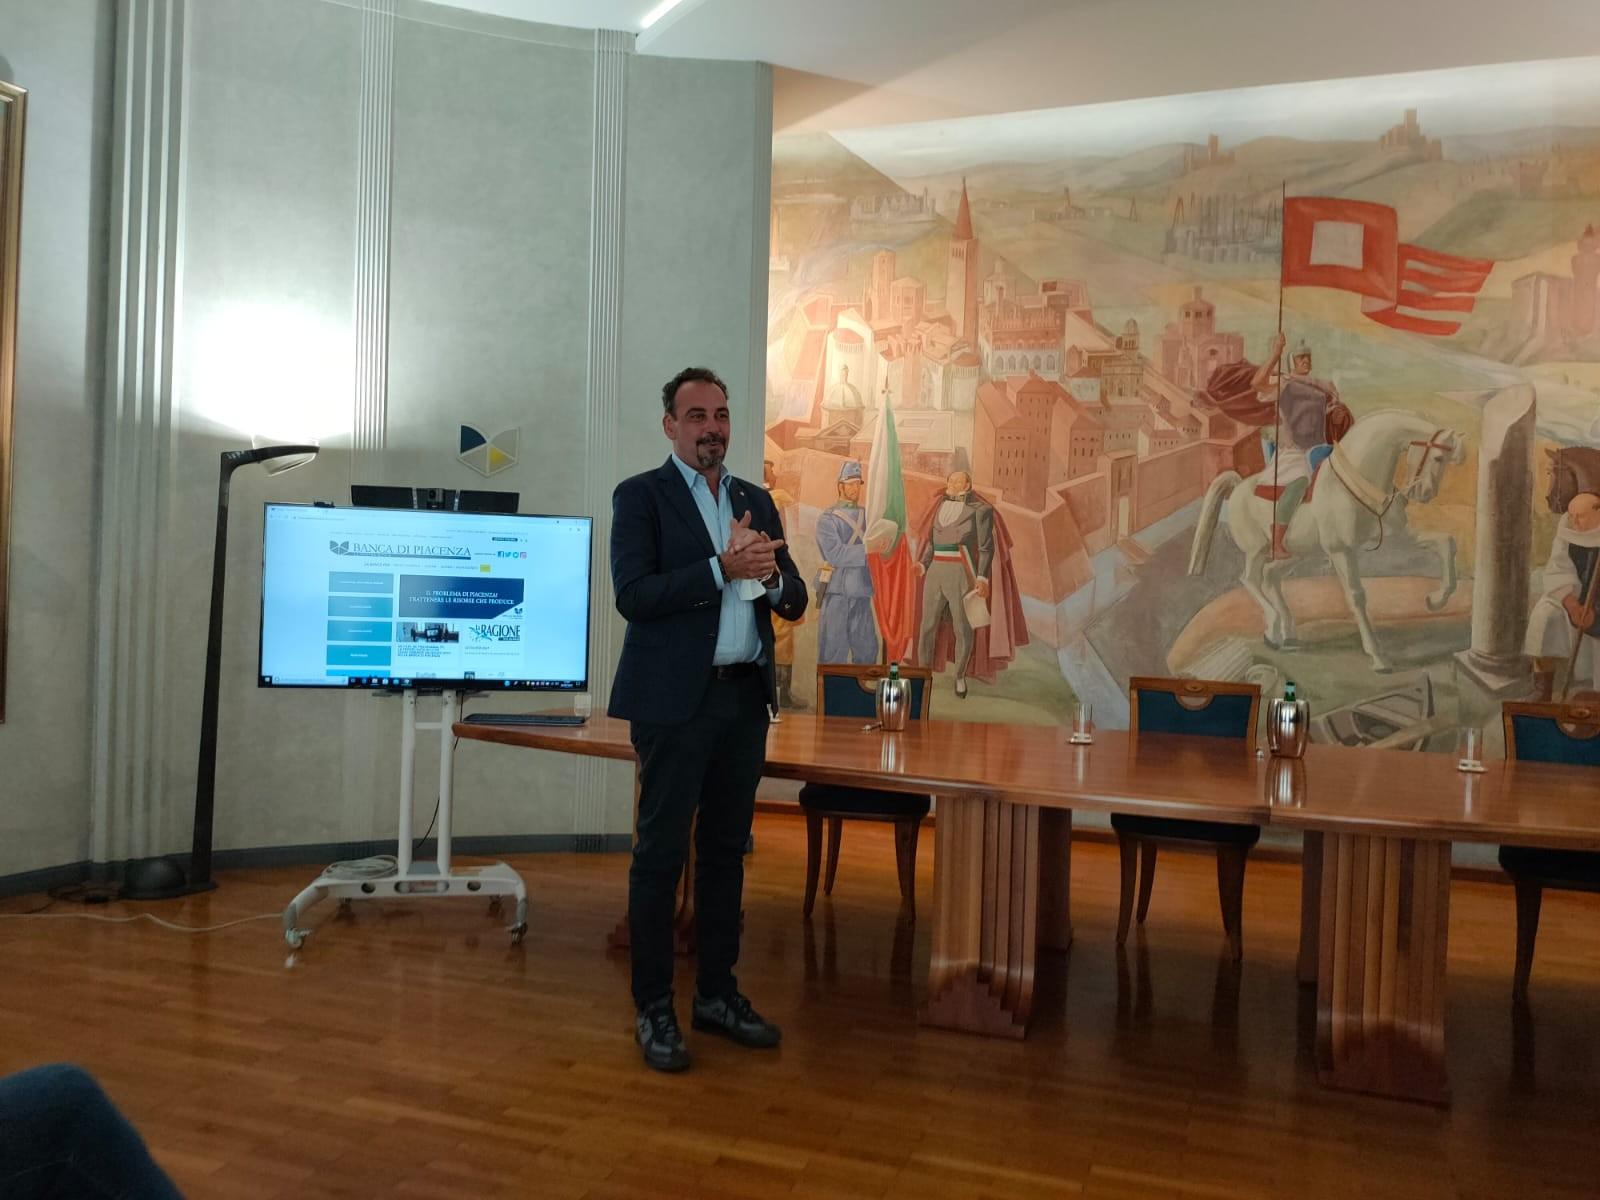 Presentazione-Spot-banca-Piacenza_6